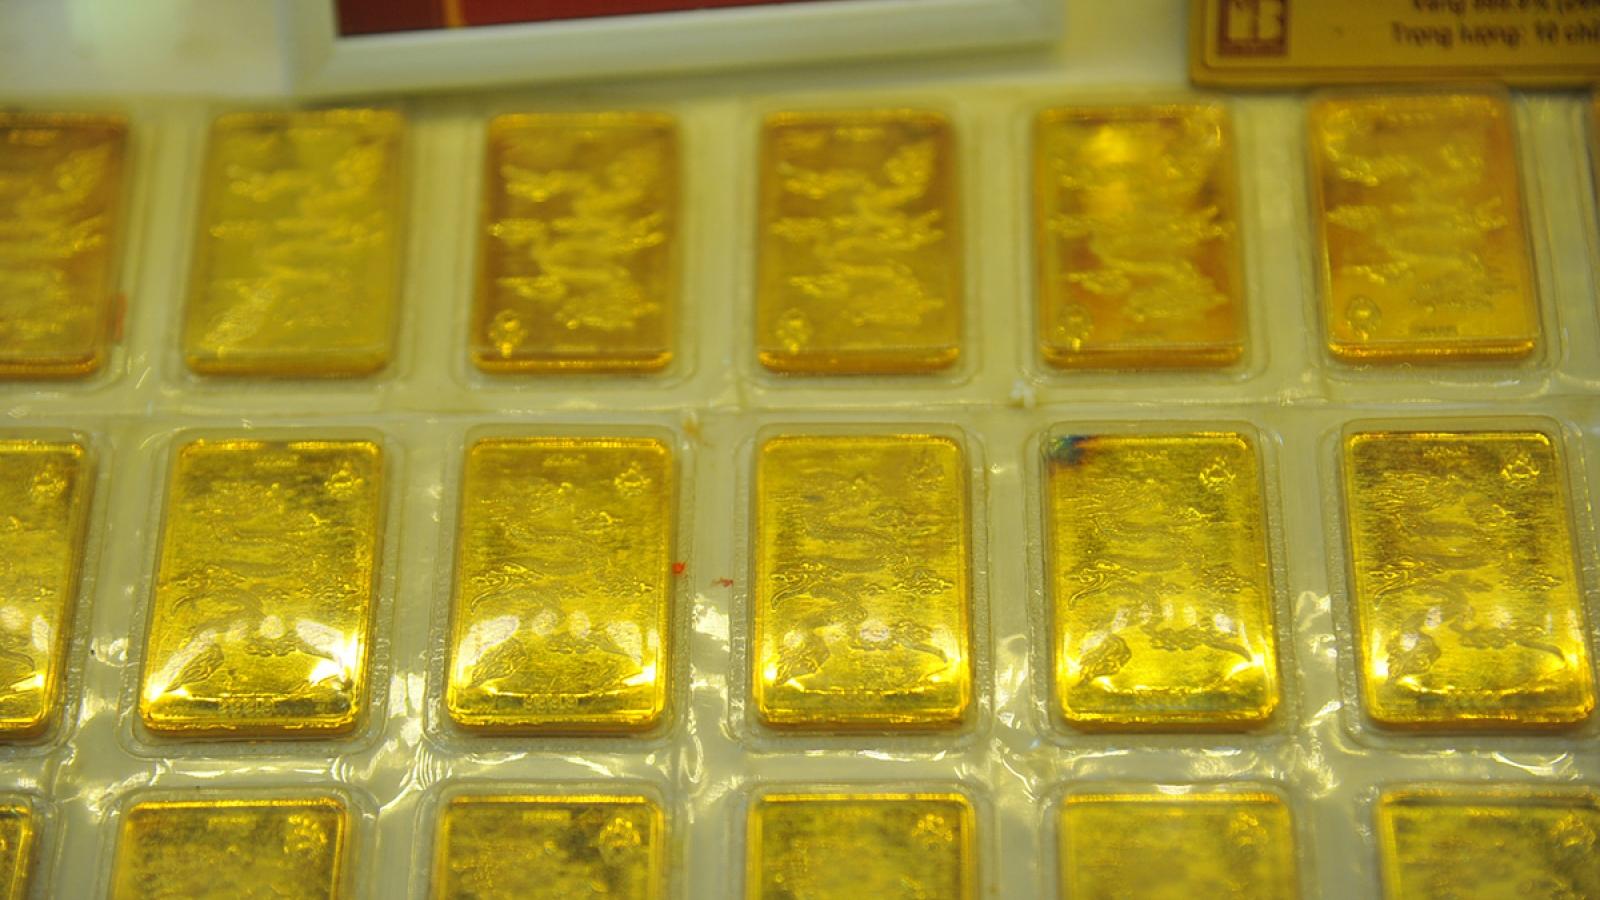 Giá vàng SJC quay đầu giảm nhưng vẫn chênh thế giới 3 triệu đồng/lượng